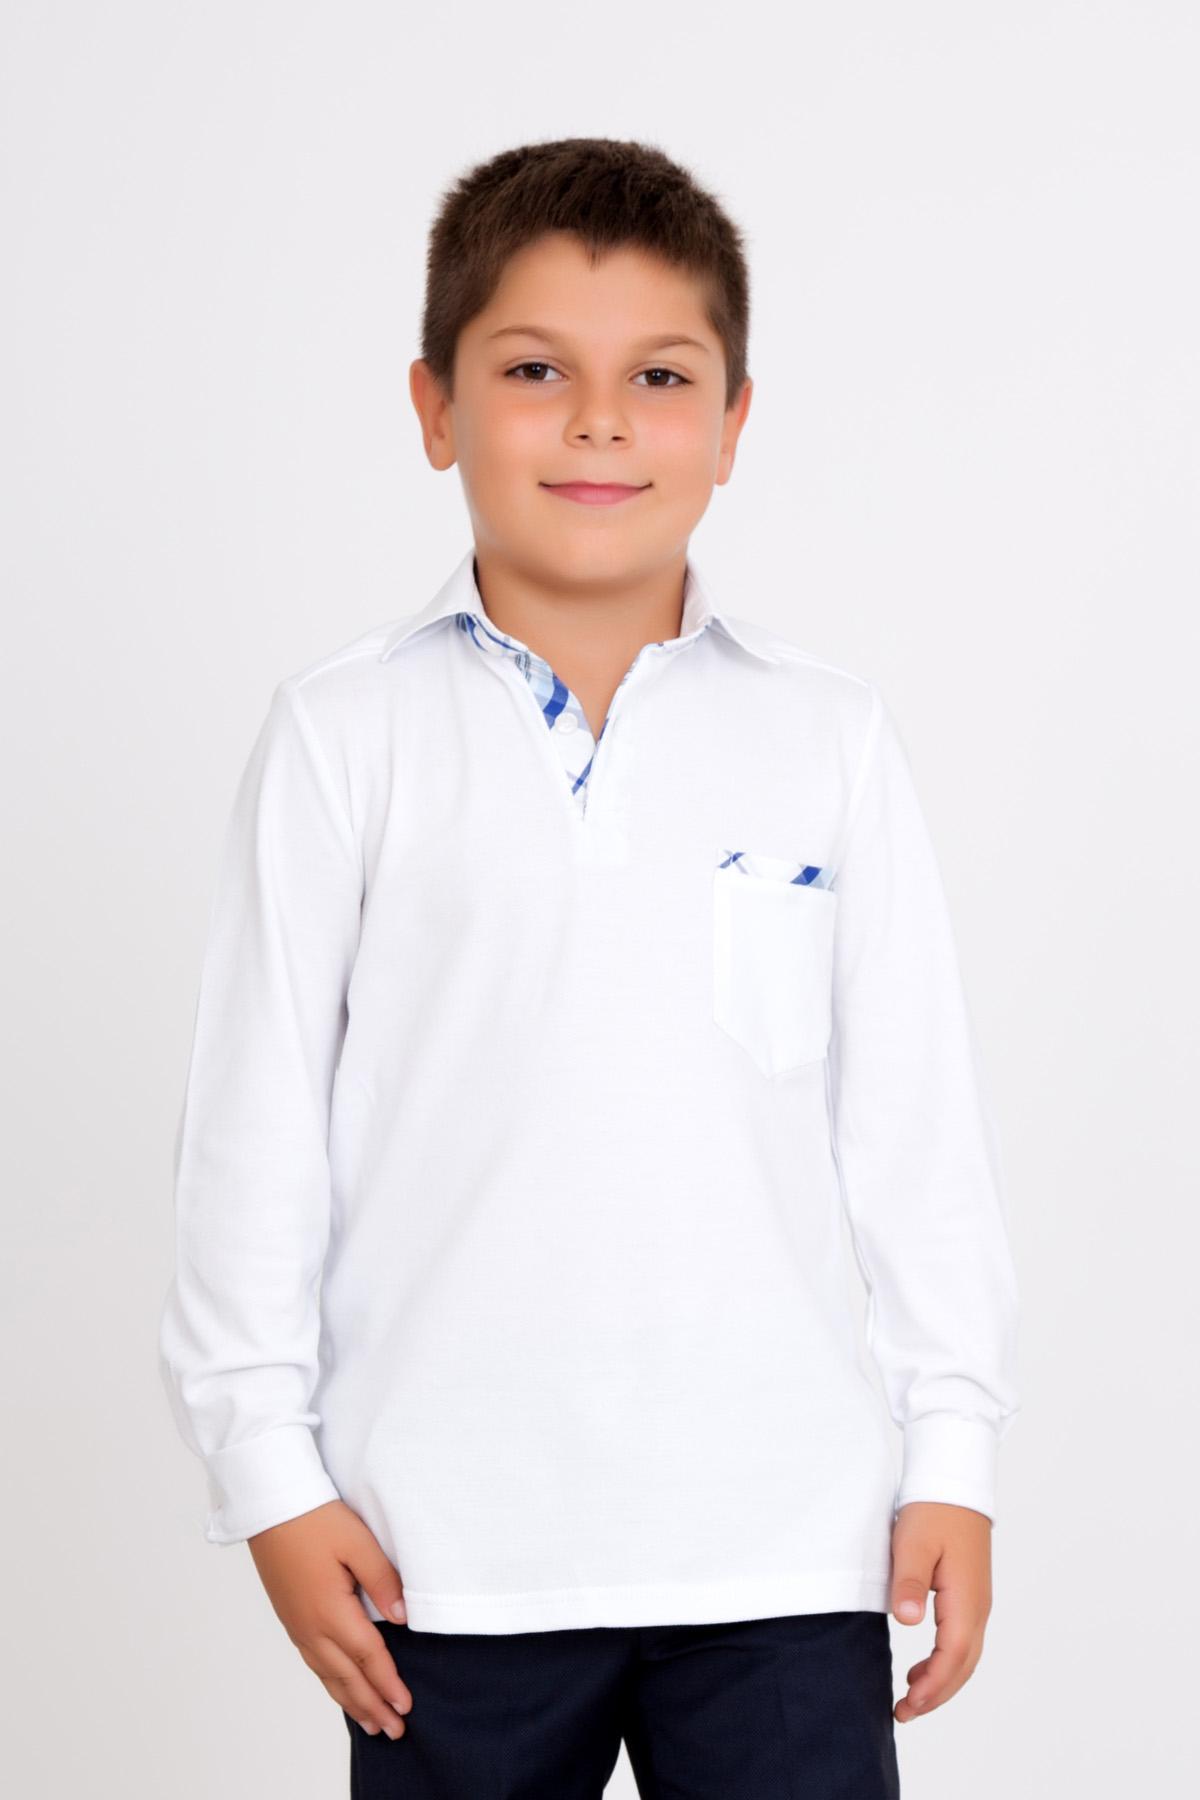 Дет. джемпер арт. 18-0132 Белый р. 38Толстовки, джемпера и рубашки<br><br><br>Тип: Дет. джемпер<br>Размер: 38<br>Материал: Пике